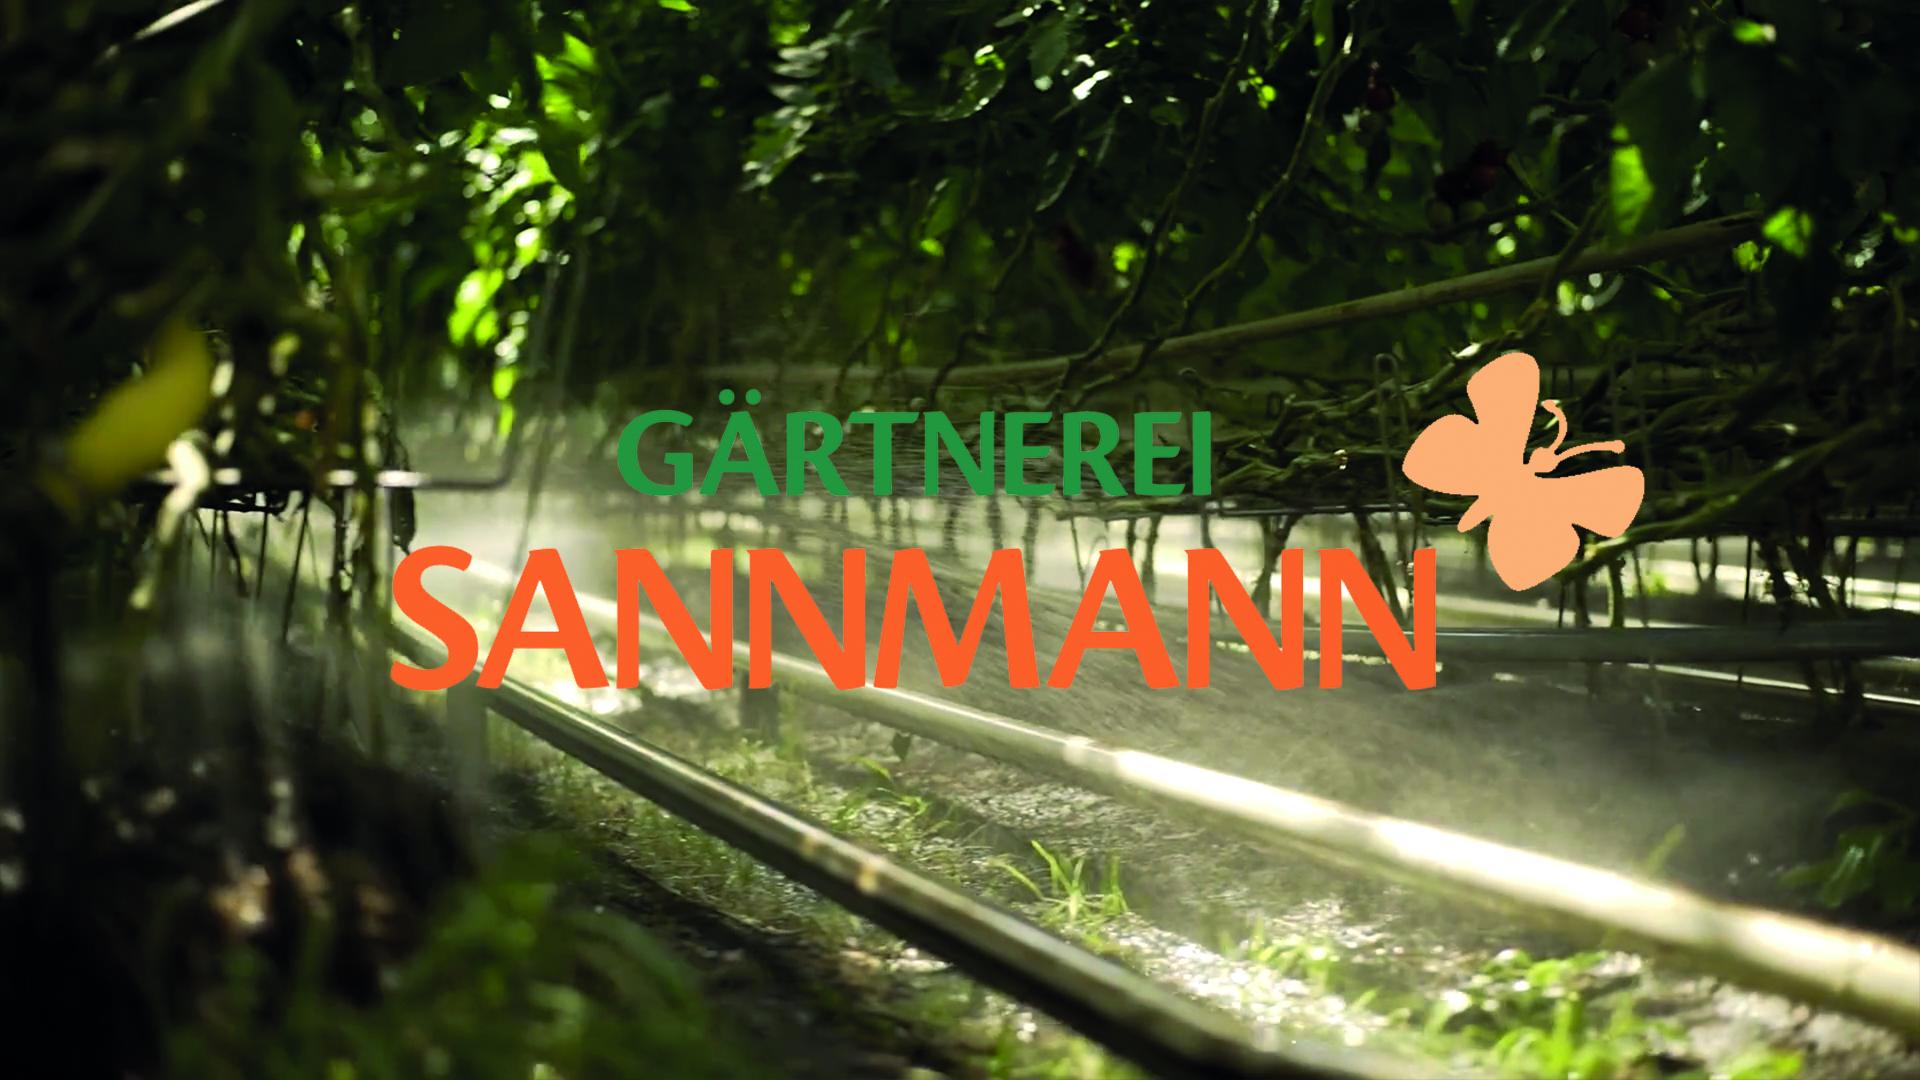 Gärtnerei Sannmann